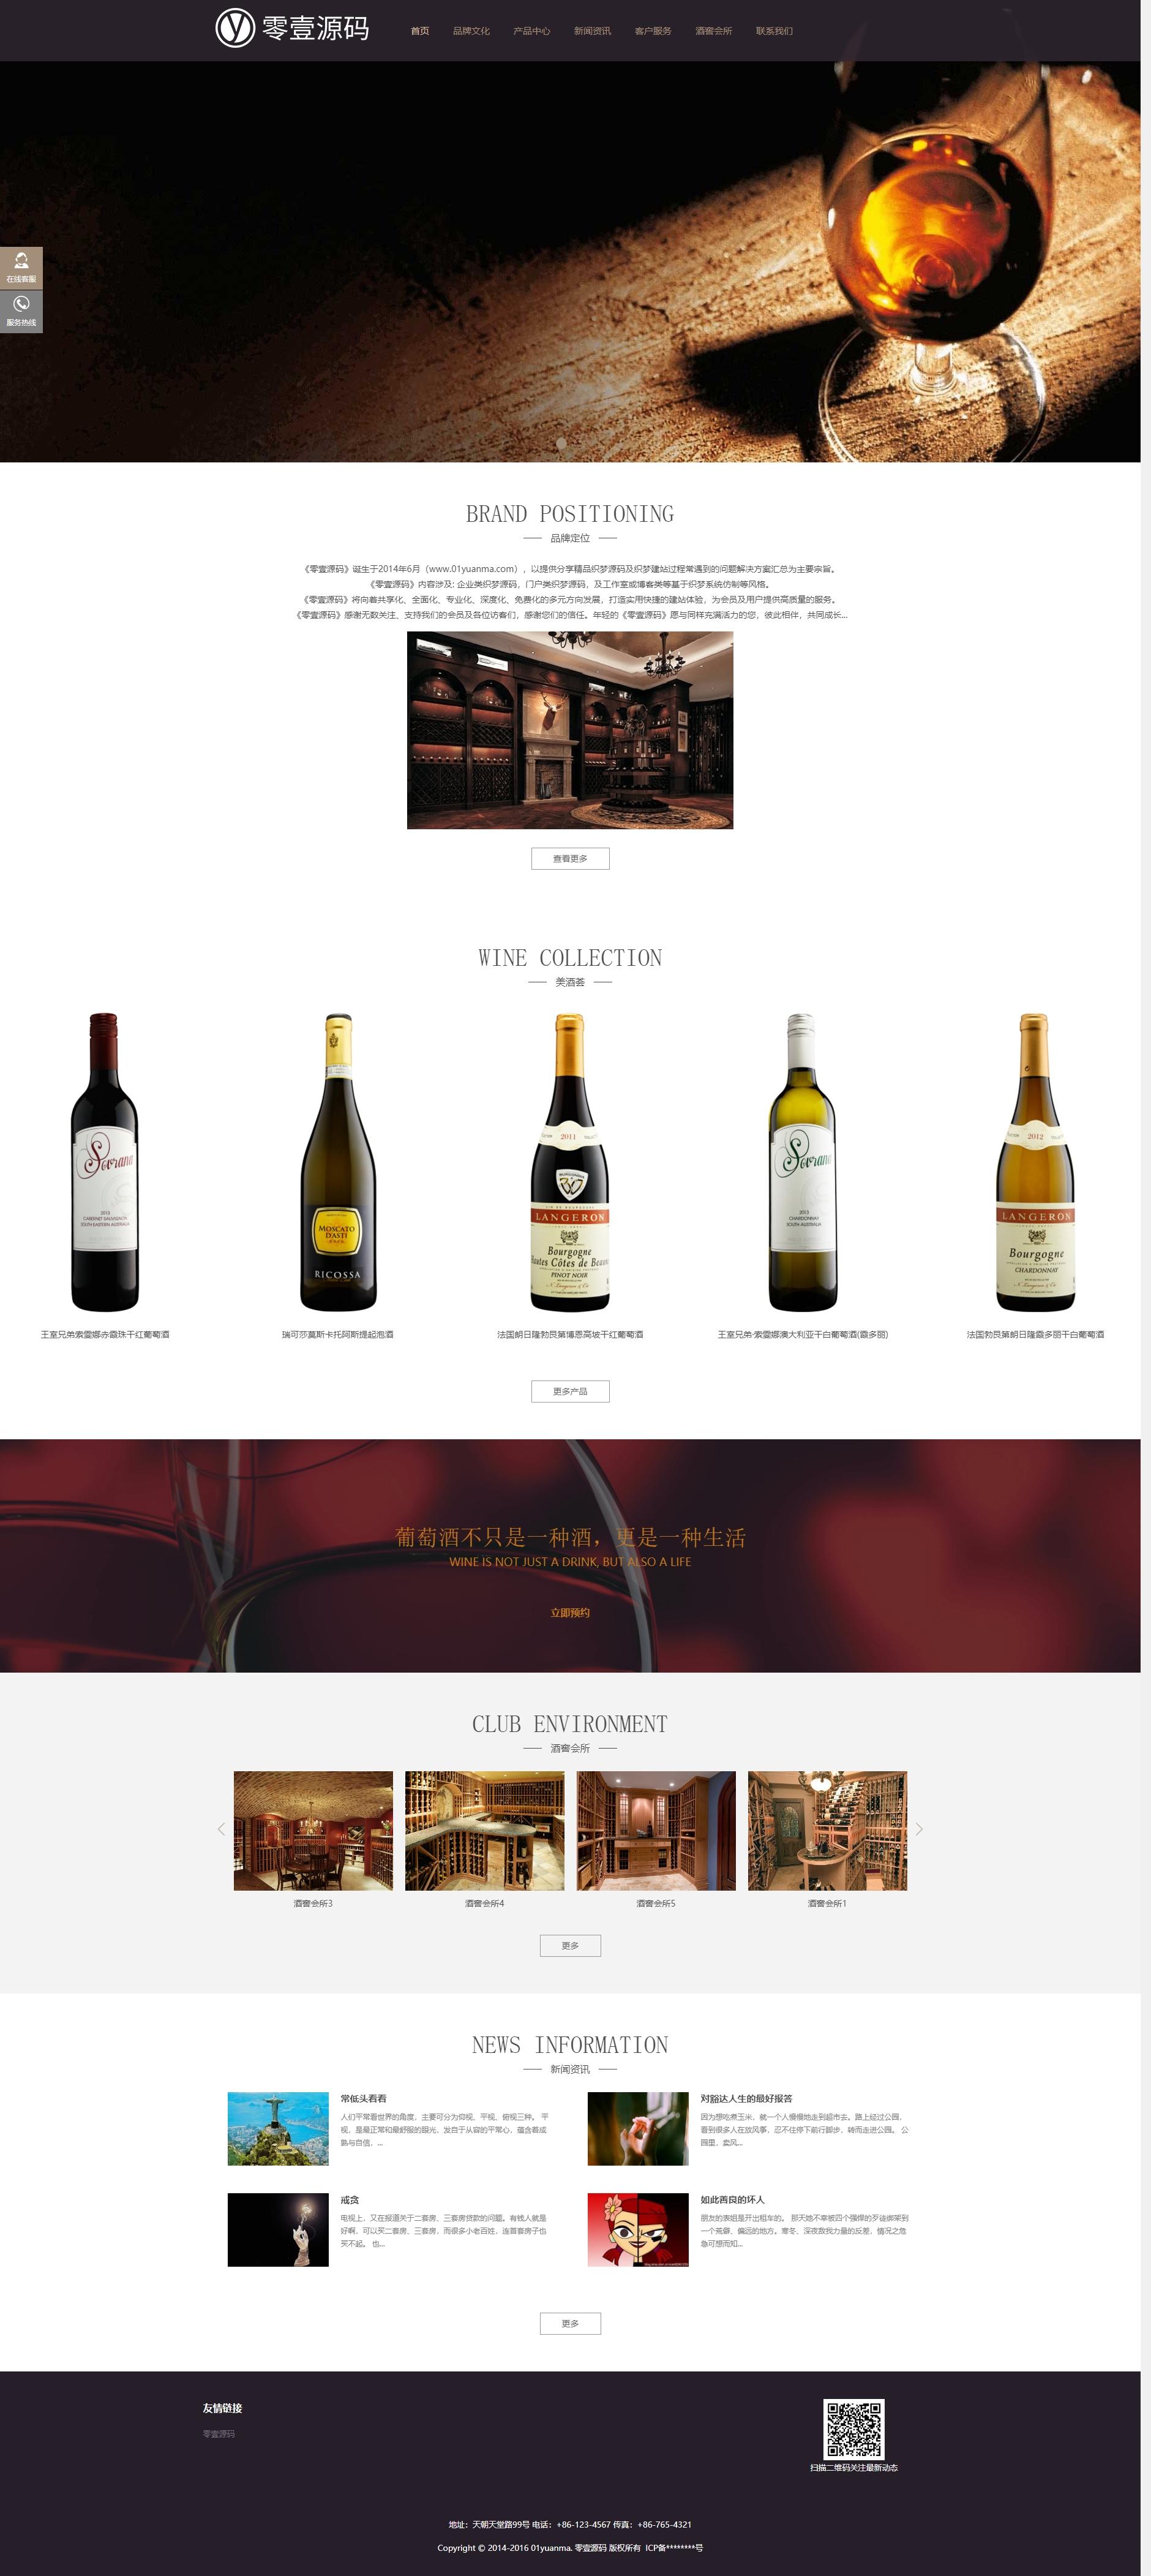 响应式高端藏酒酒业酒窖网站织梦dedecms模板(自适应模板)